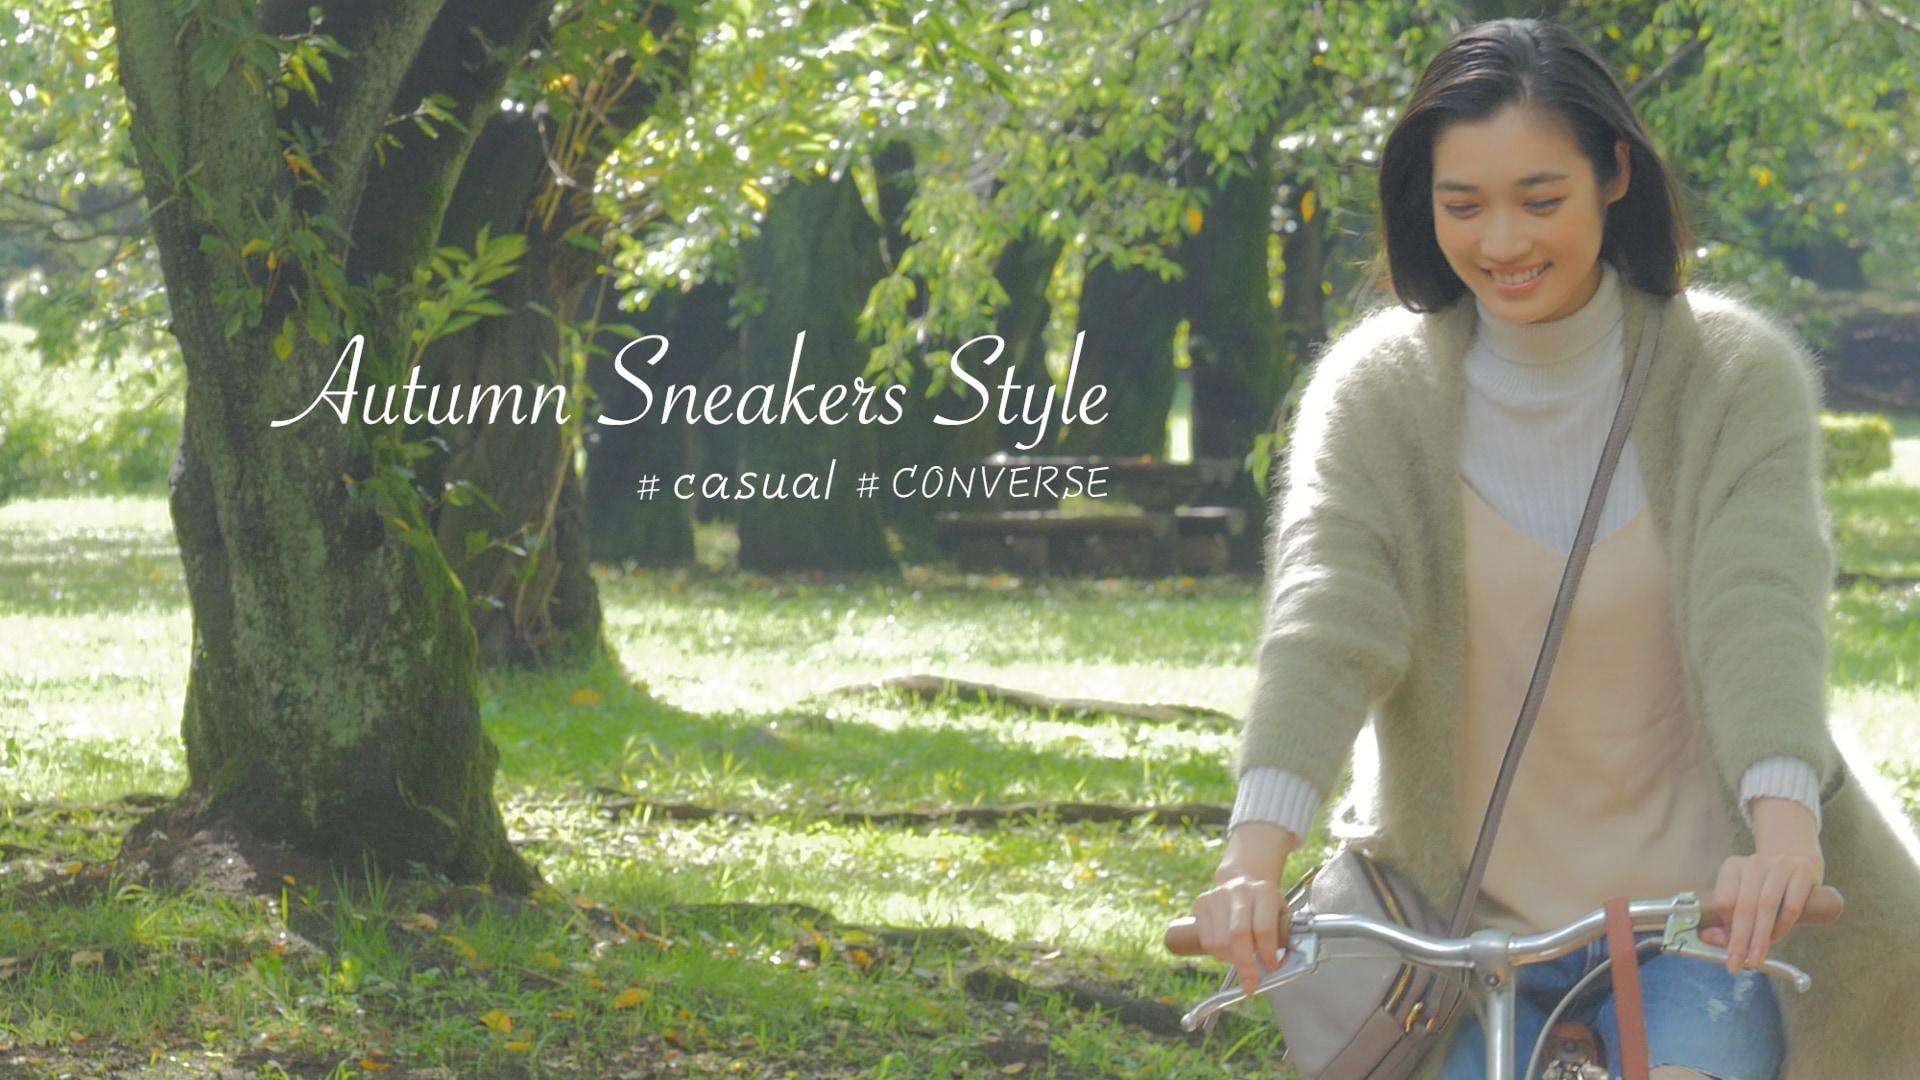 定番スニーカーで秋の旬スタイル【vol.2】CONVERSEのハイカットスニーカー×カジュアルコーデ